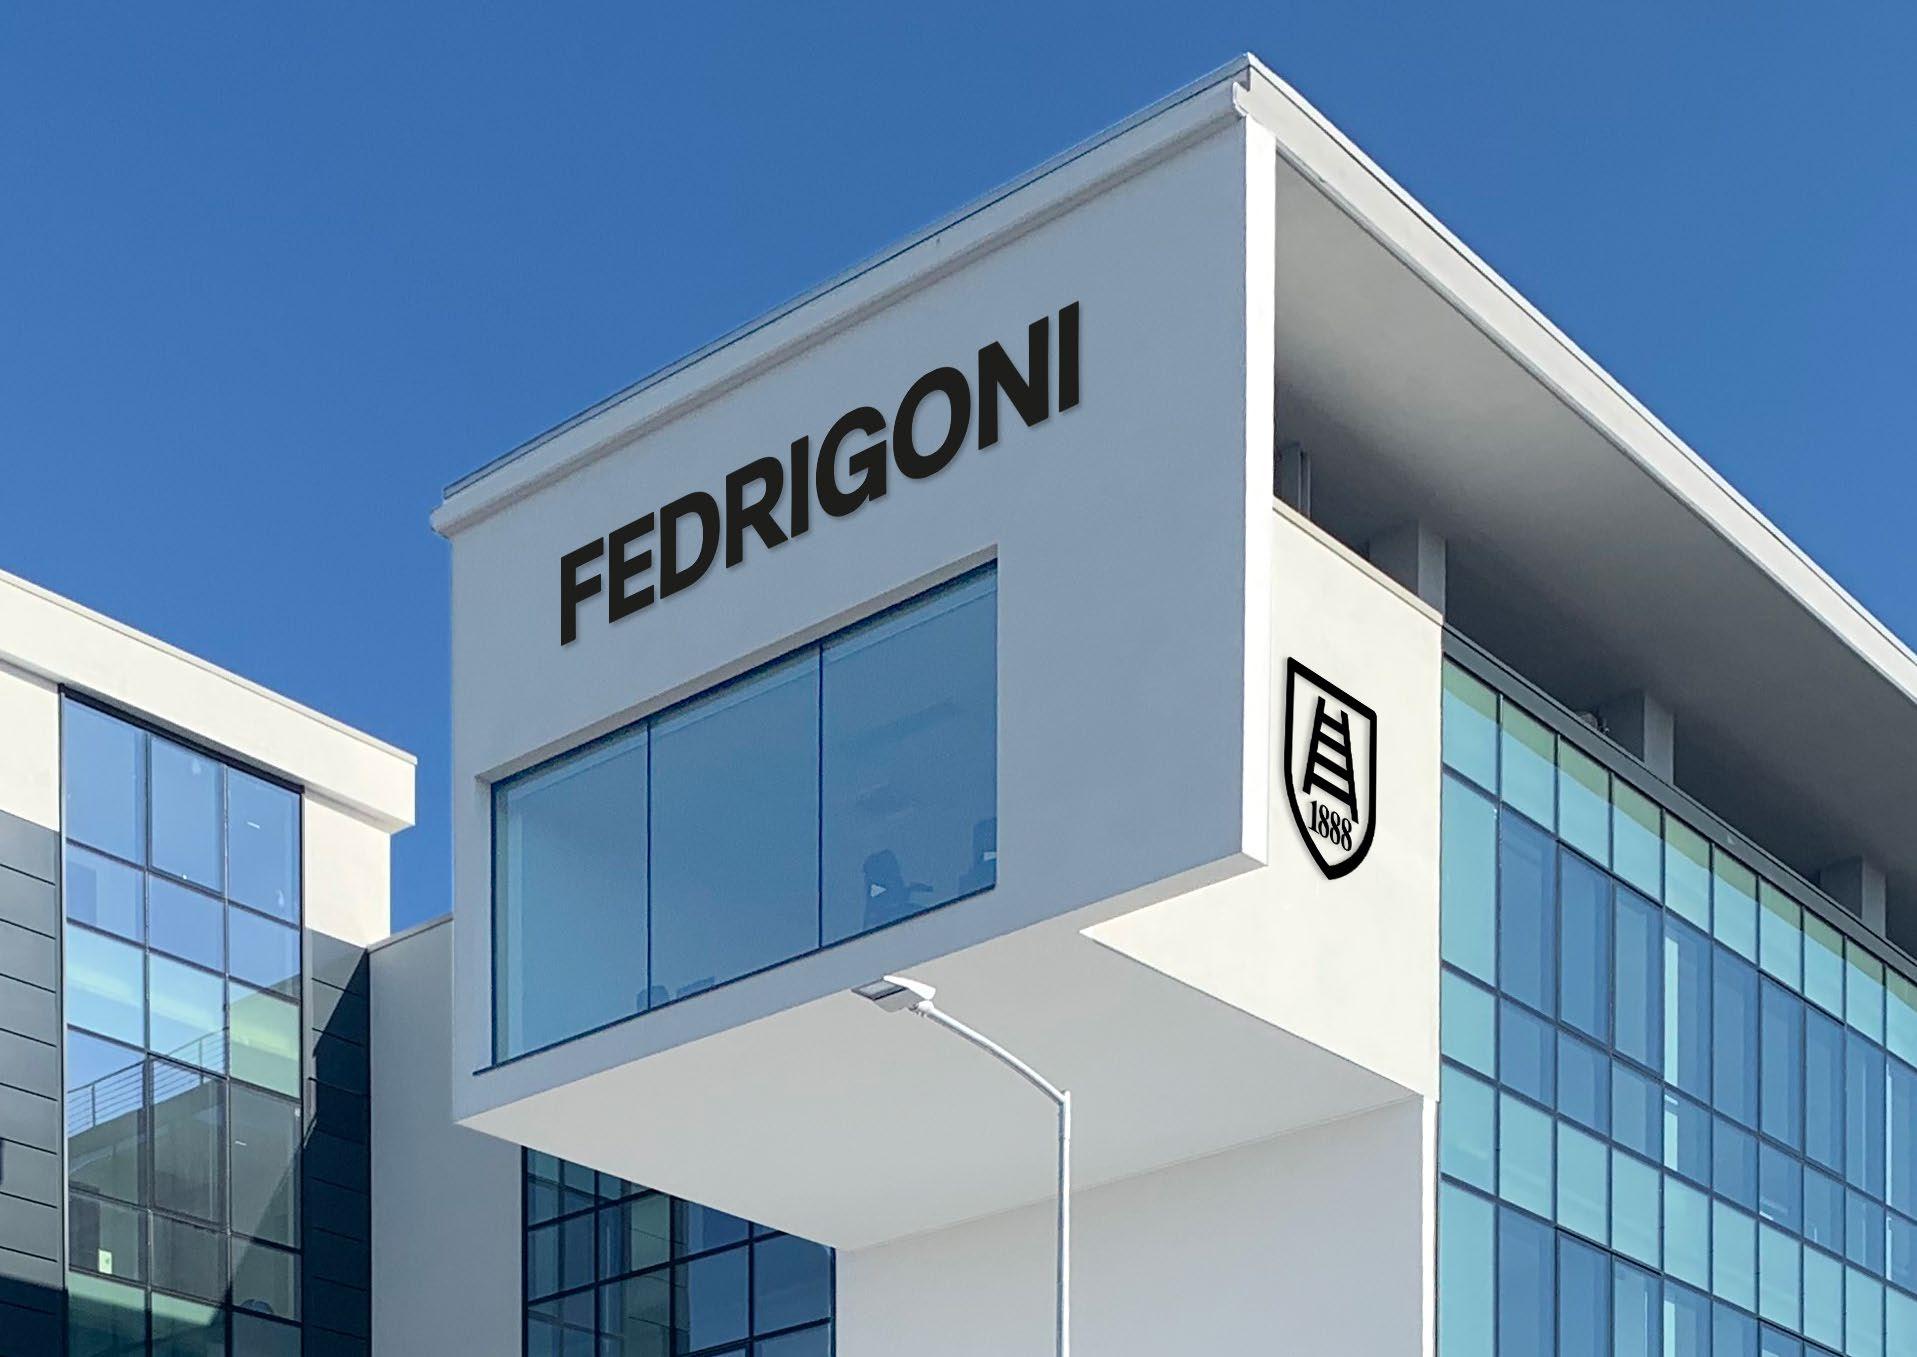 Fedrigoni entra nel packaging di lusso sostenibile